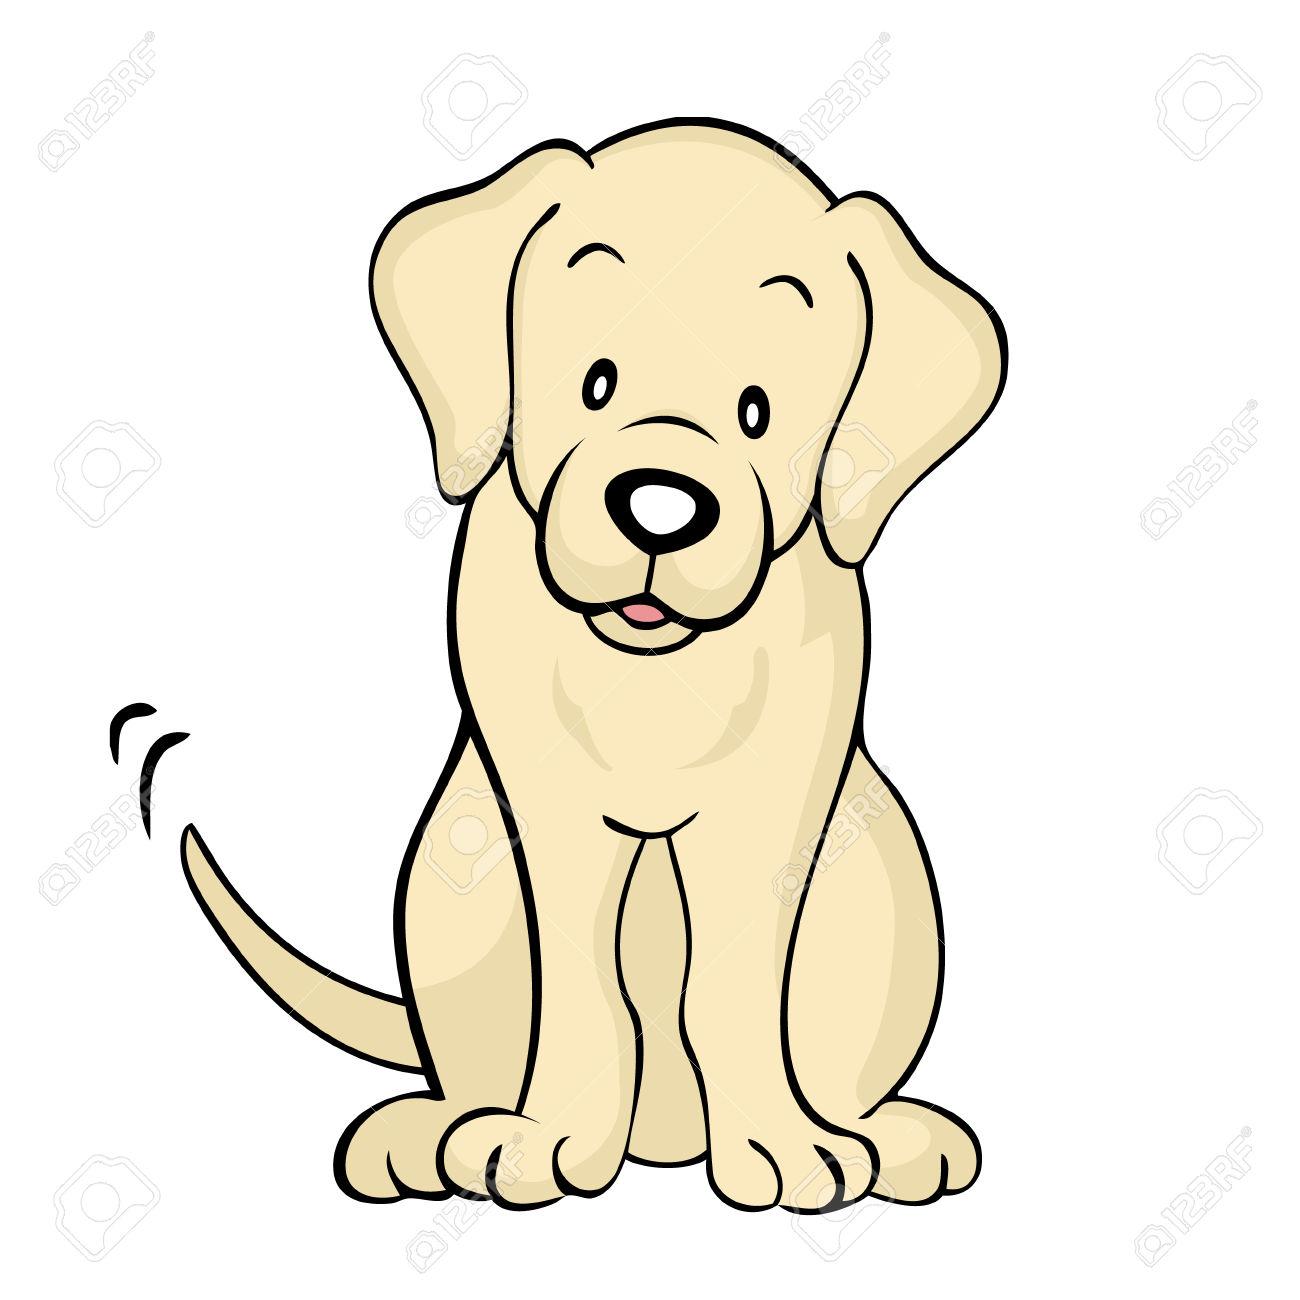 Cliparting com . Clipart puppy labrador